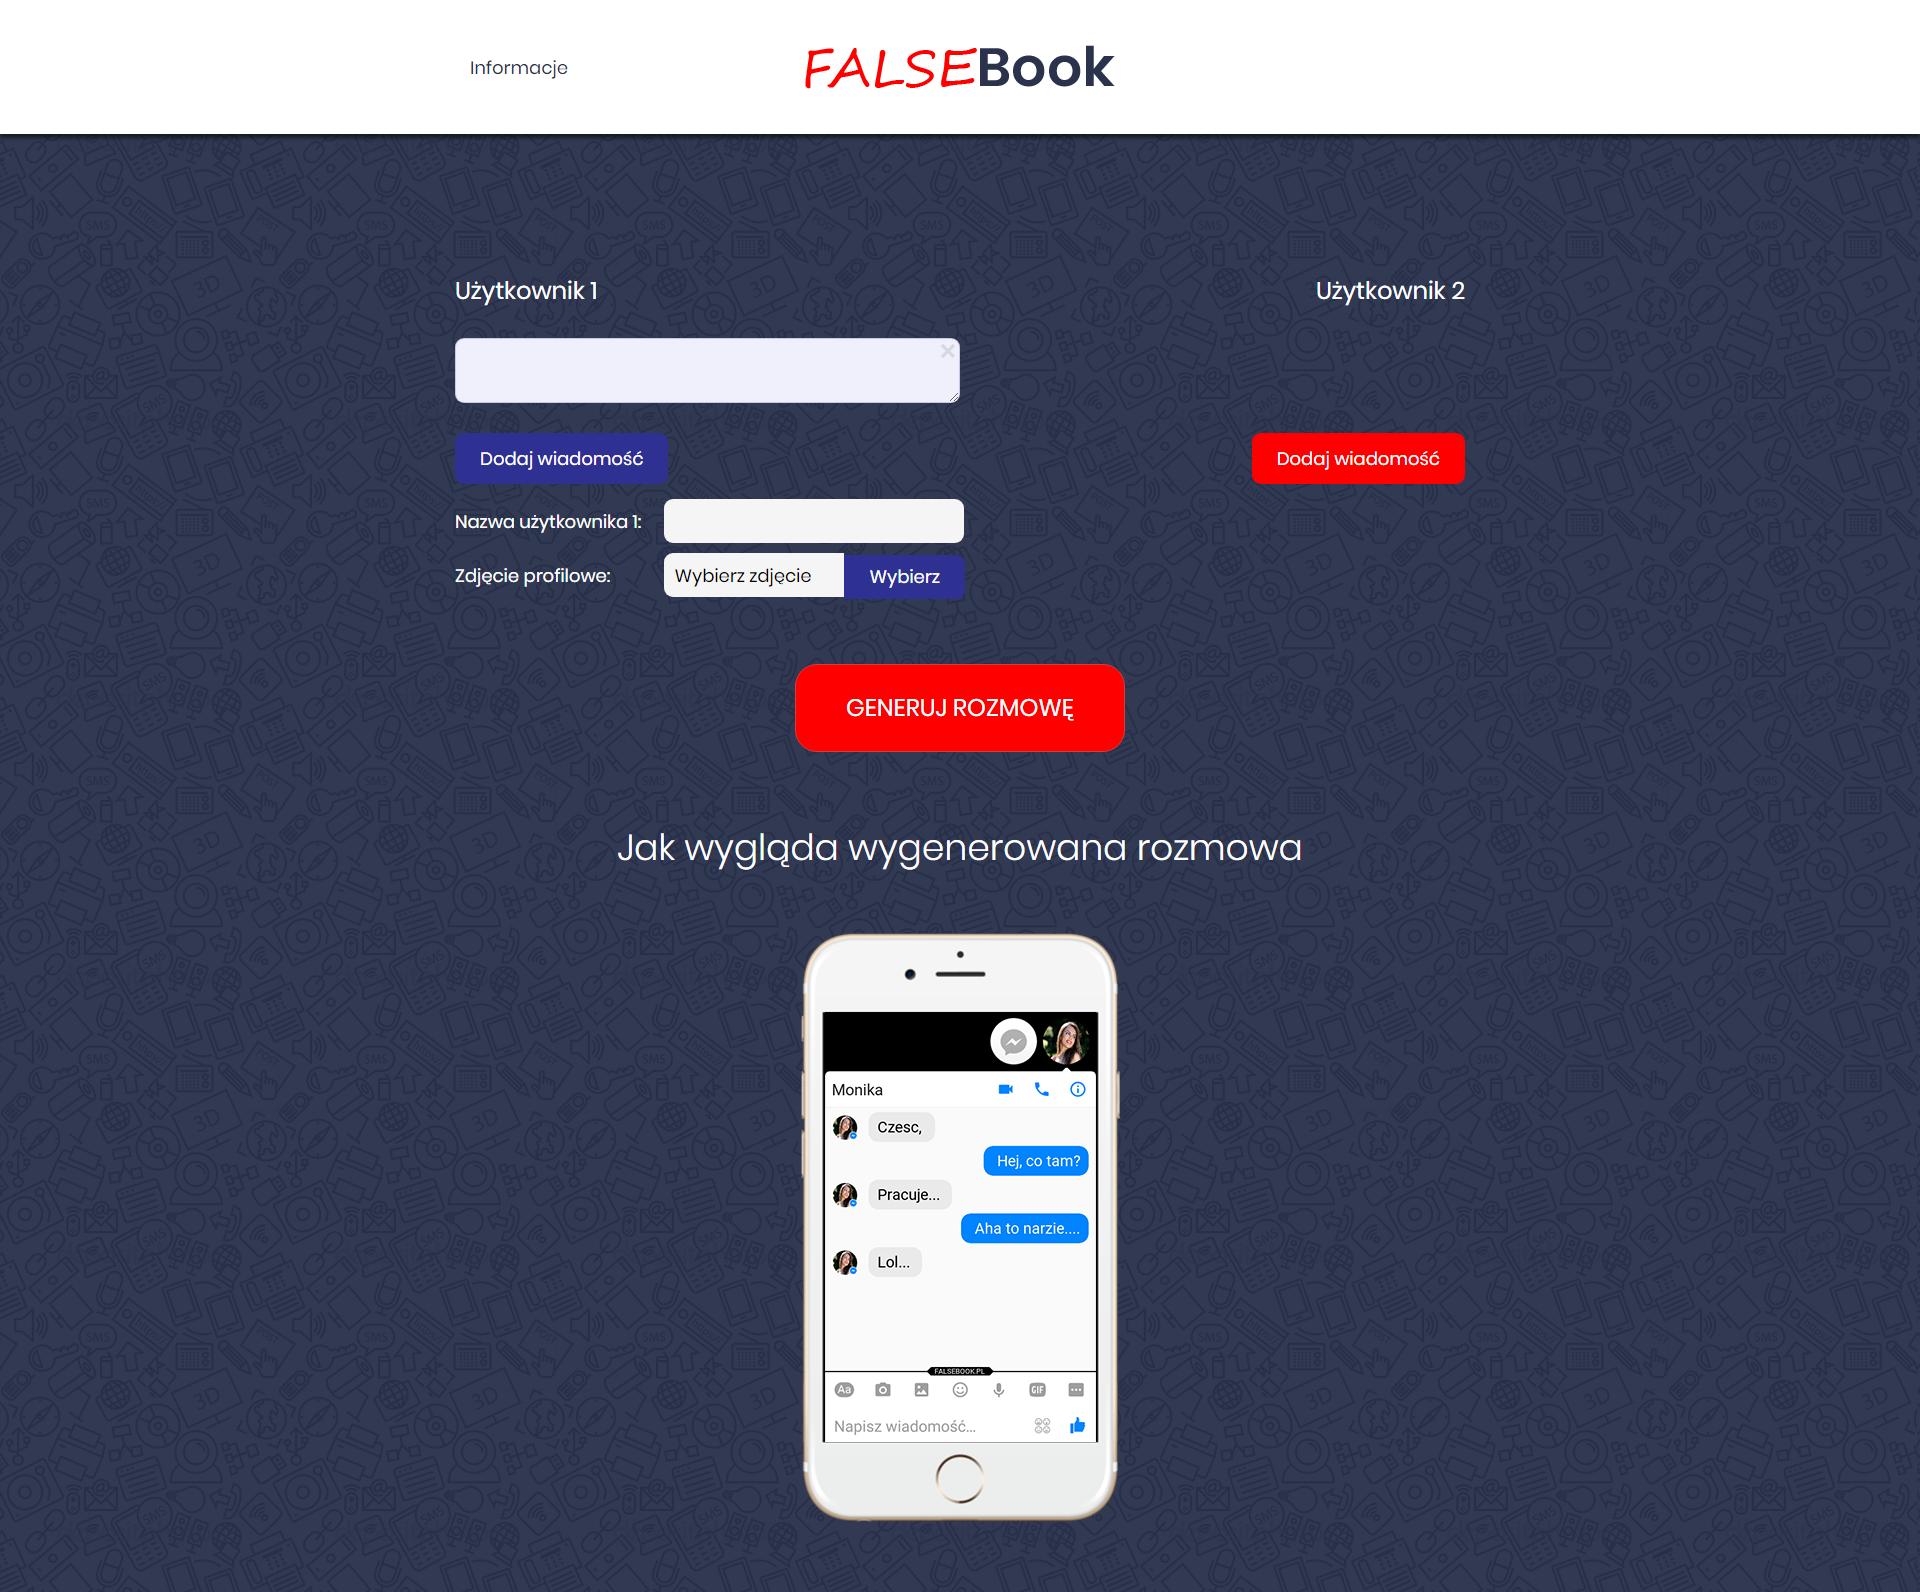 falsebook 1